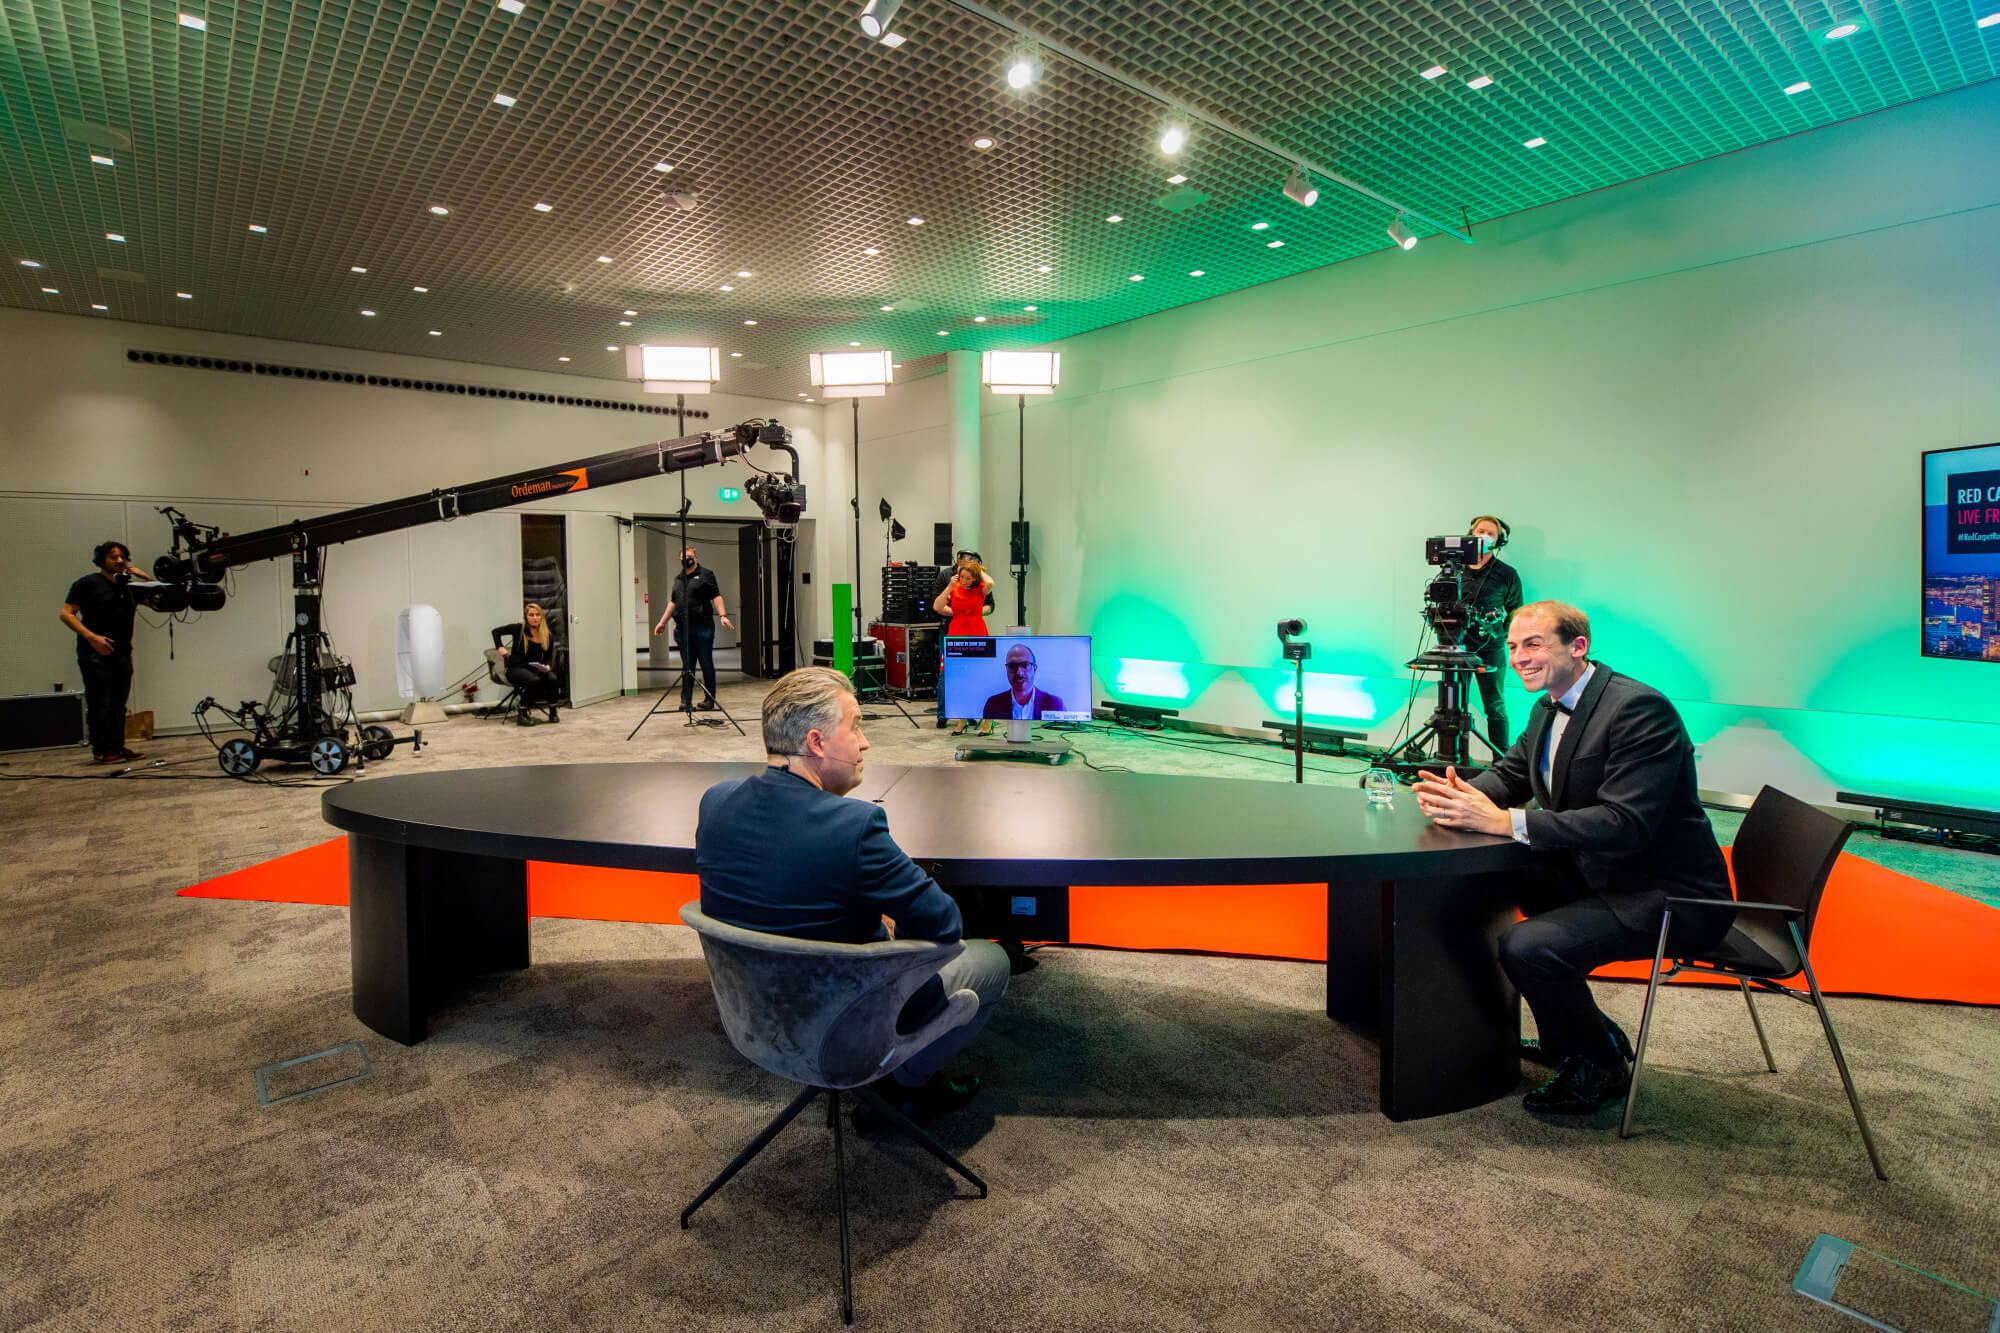 Host Erik Peekel talking to Nanne de Ru, founder of Powerhouse Company.